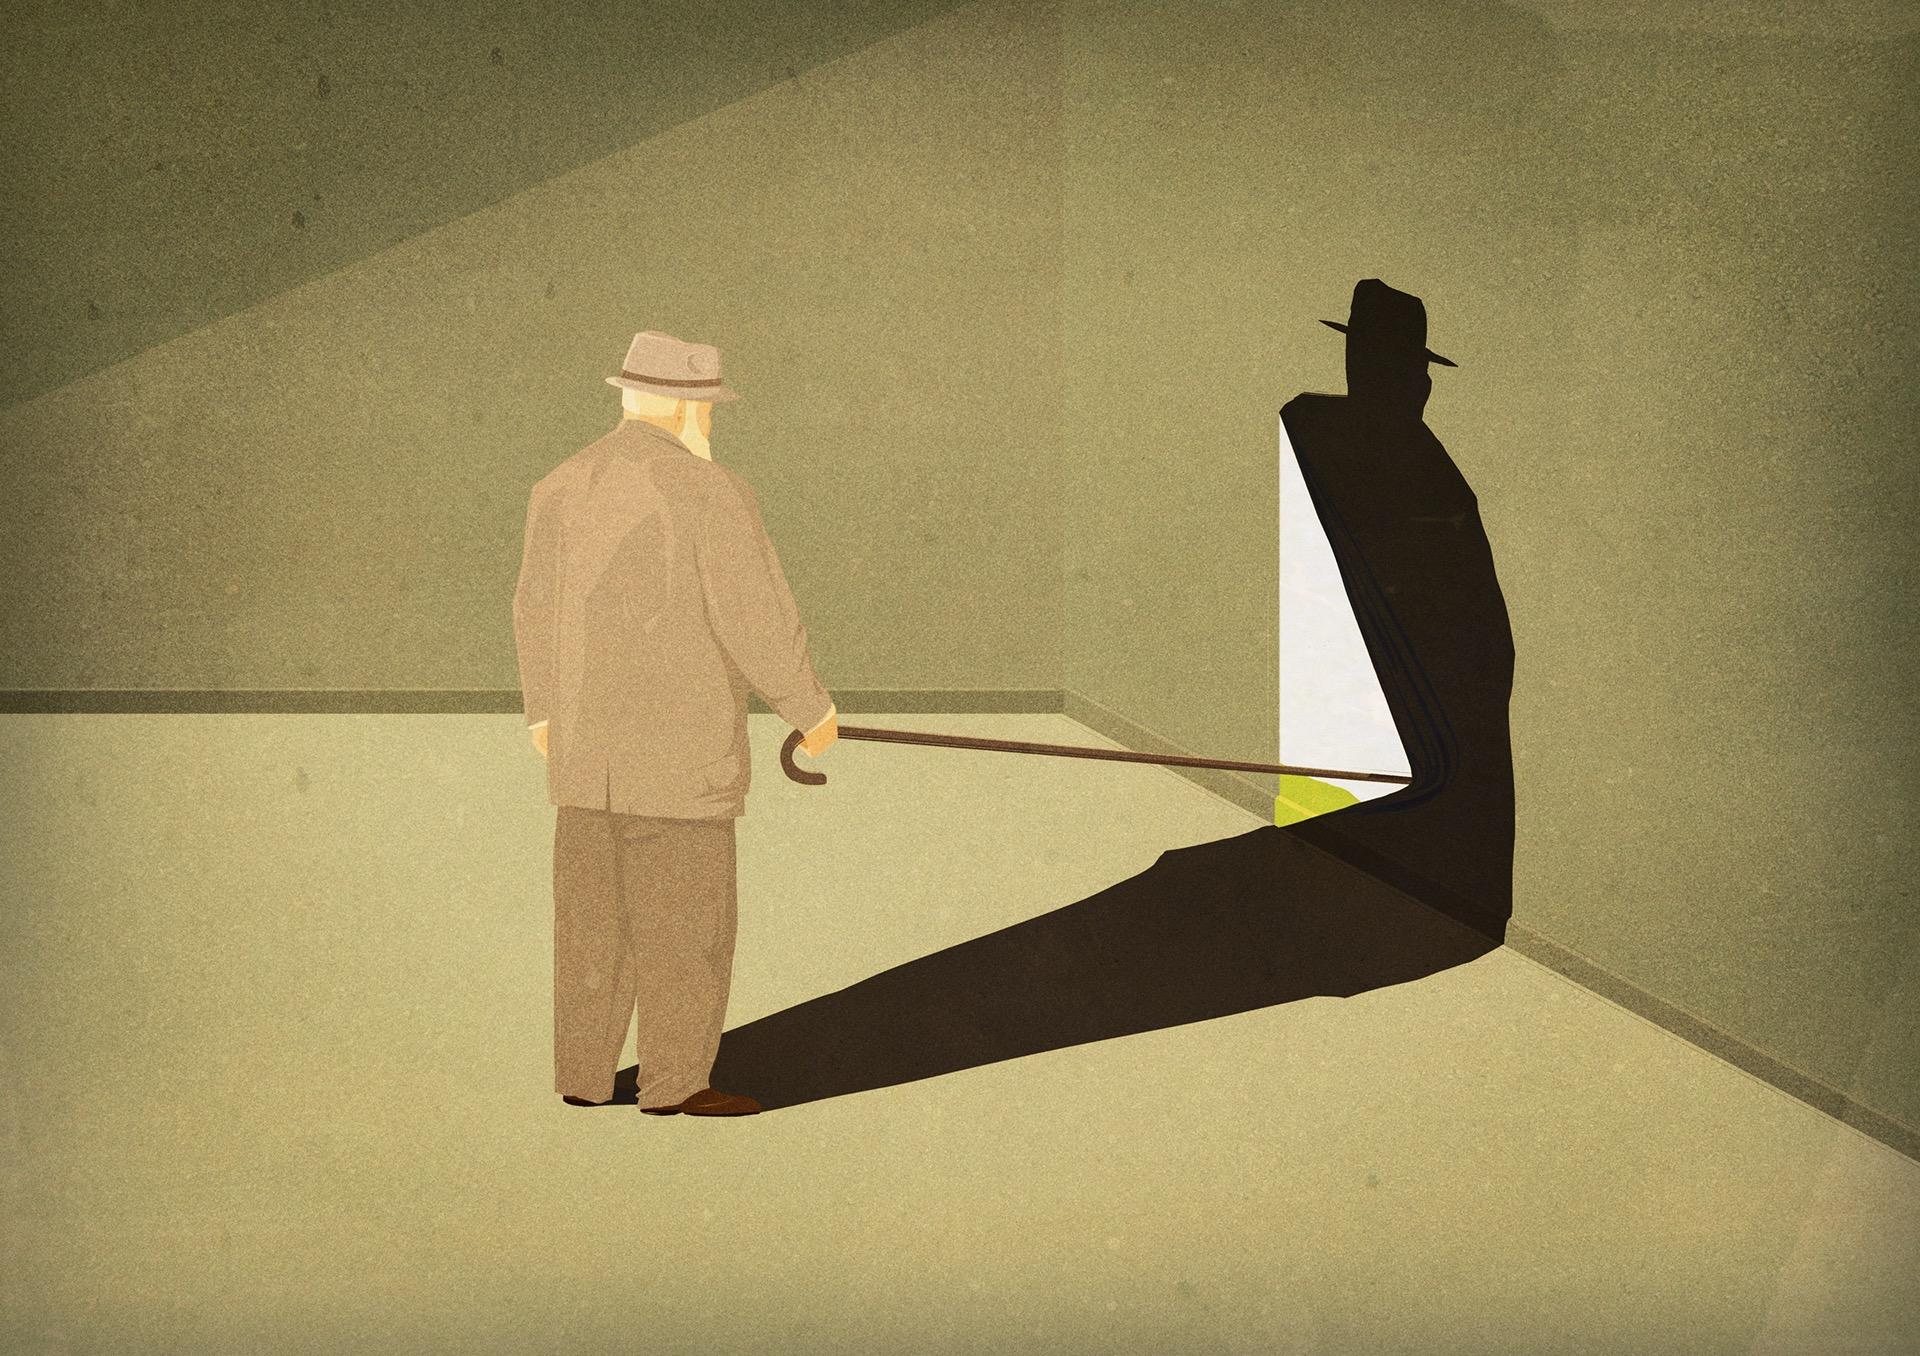 Иллюстрация от Андреа Учини